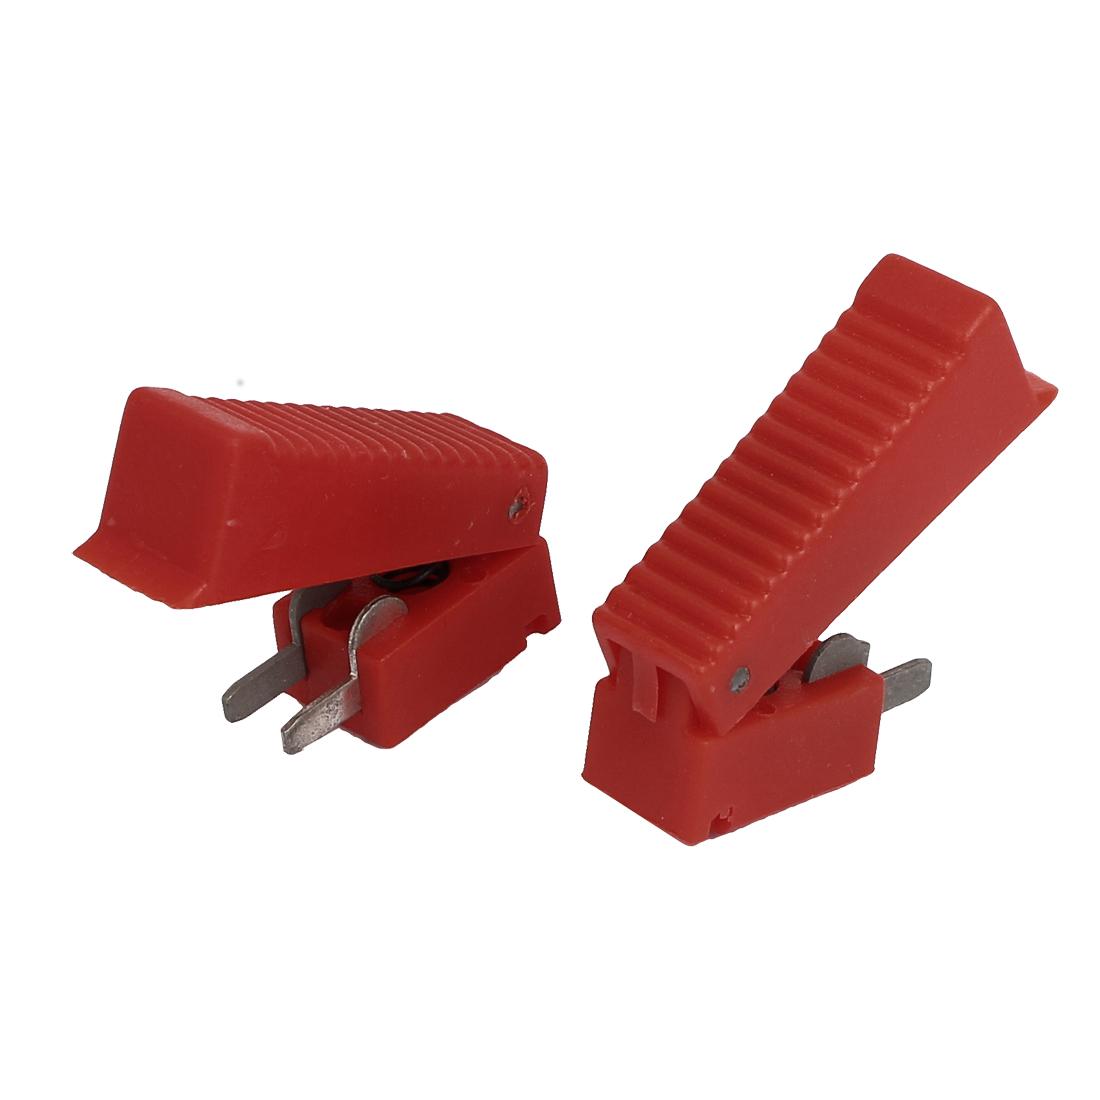 37mm Long Red Shell CO2 Welding Gun Cutter Trigger Switch 2 Pcs